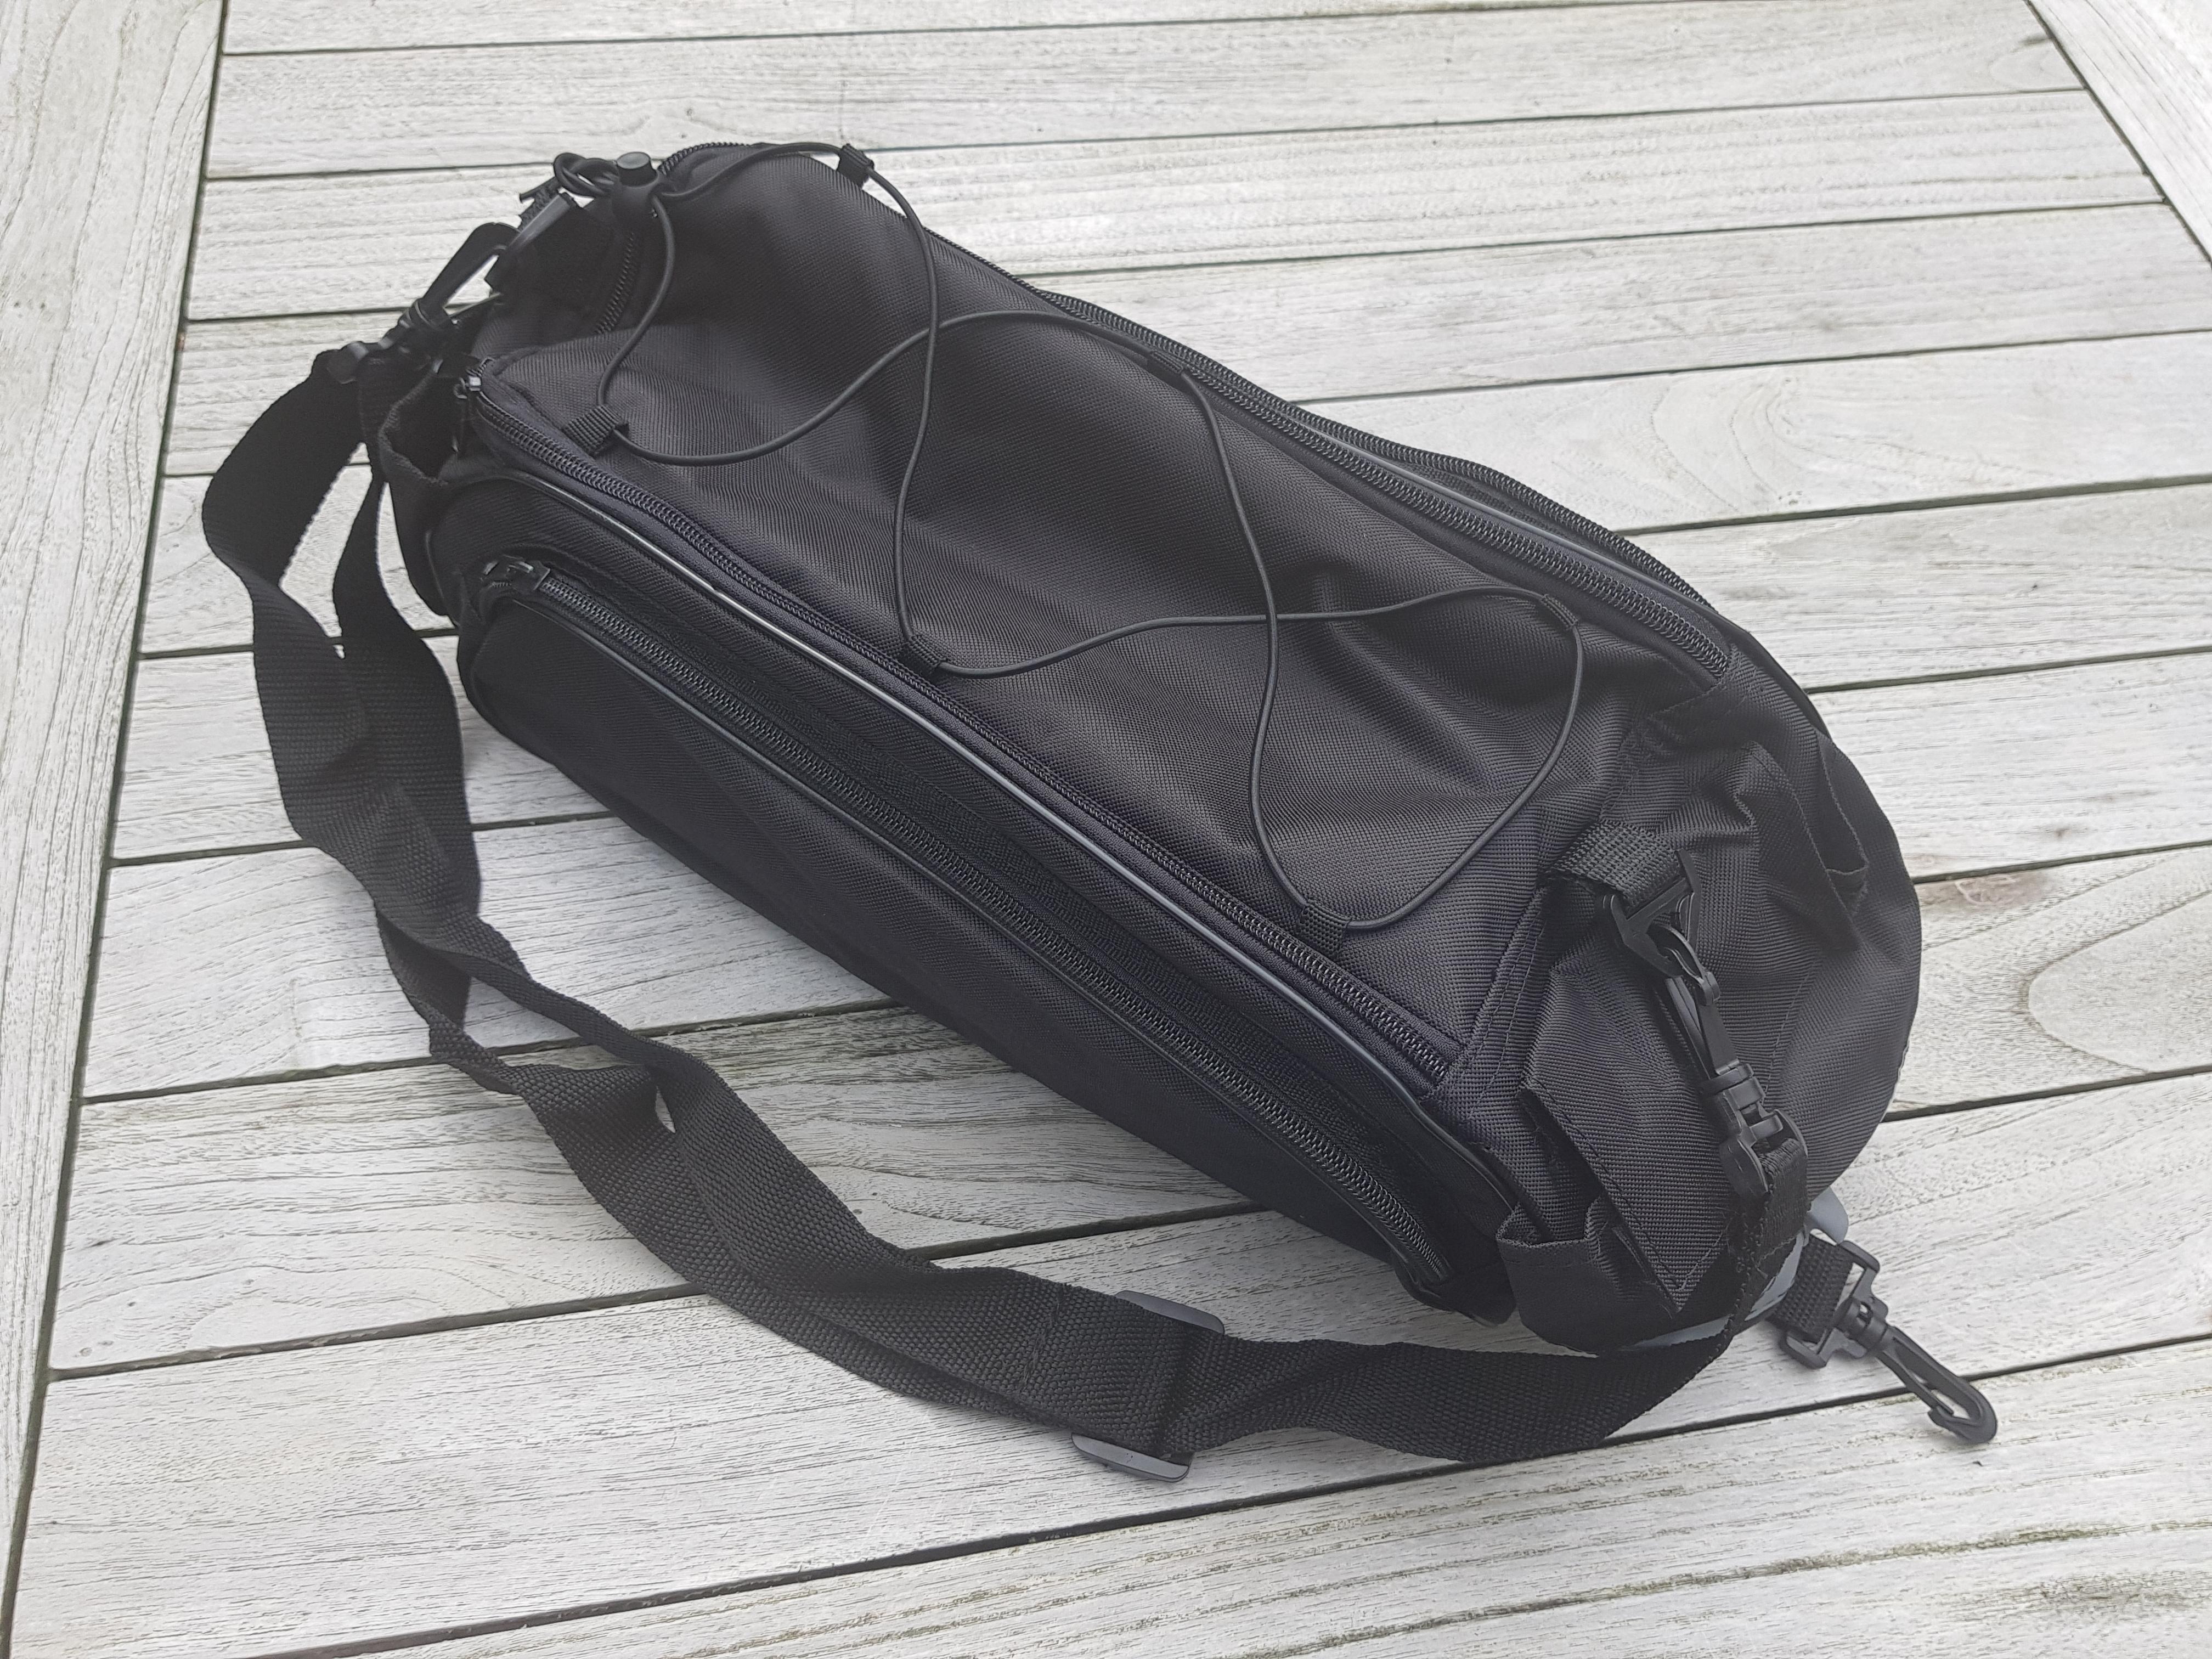 12BB - Luxus XL Tubetasche mit Seitentaschen, Fronttasche - Clips und Klettverschluss